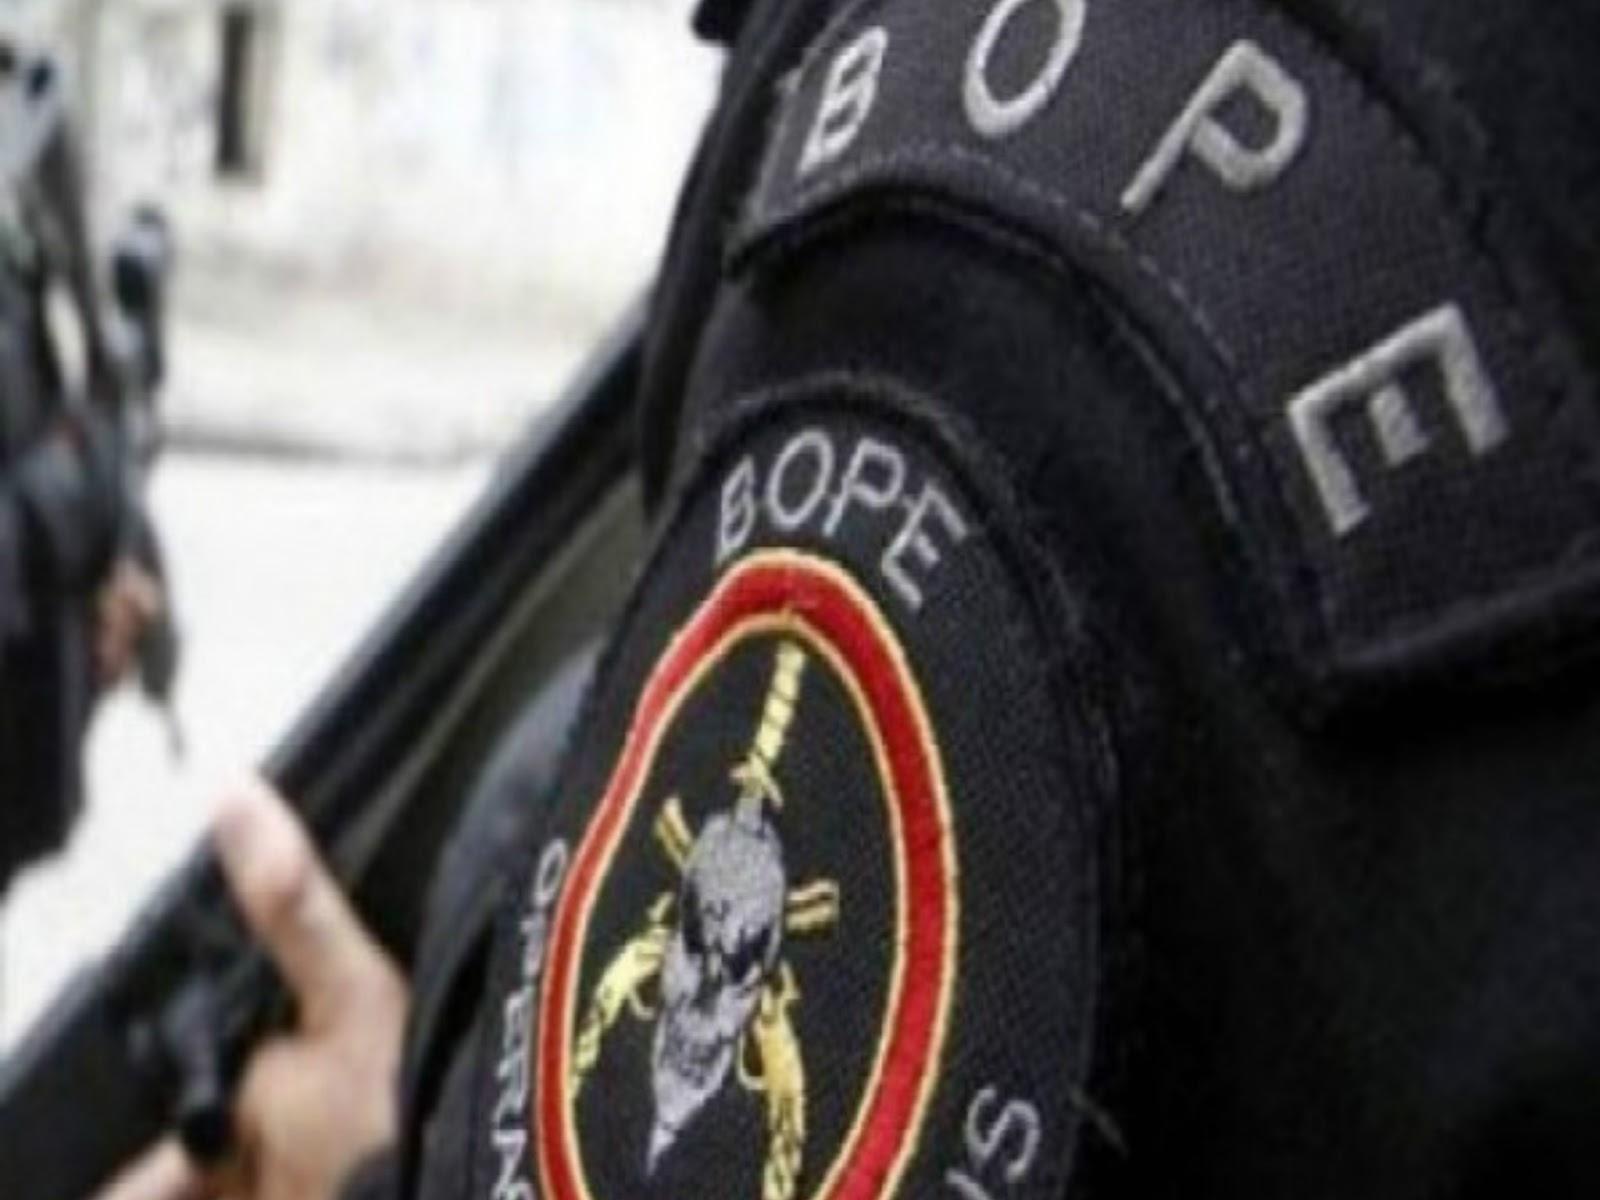 Após matar uma pessoa, homem atira contra policial em Padre Bernardo, Noticias de Padre bernardo